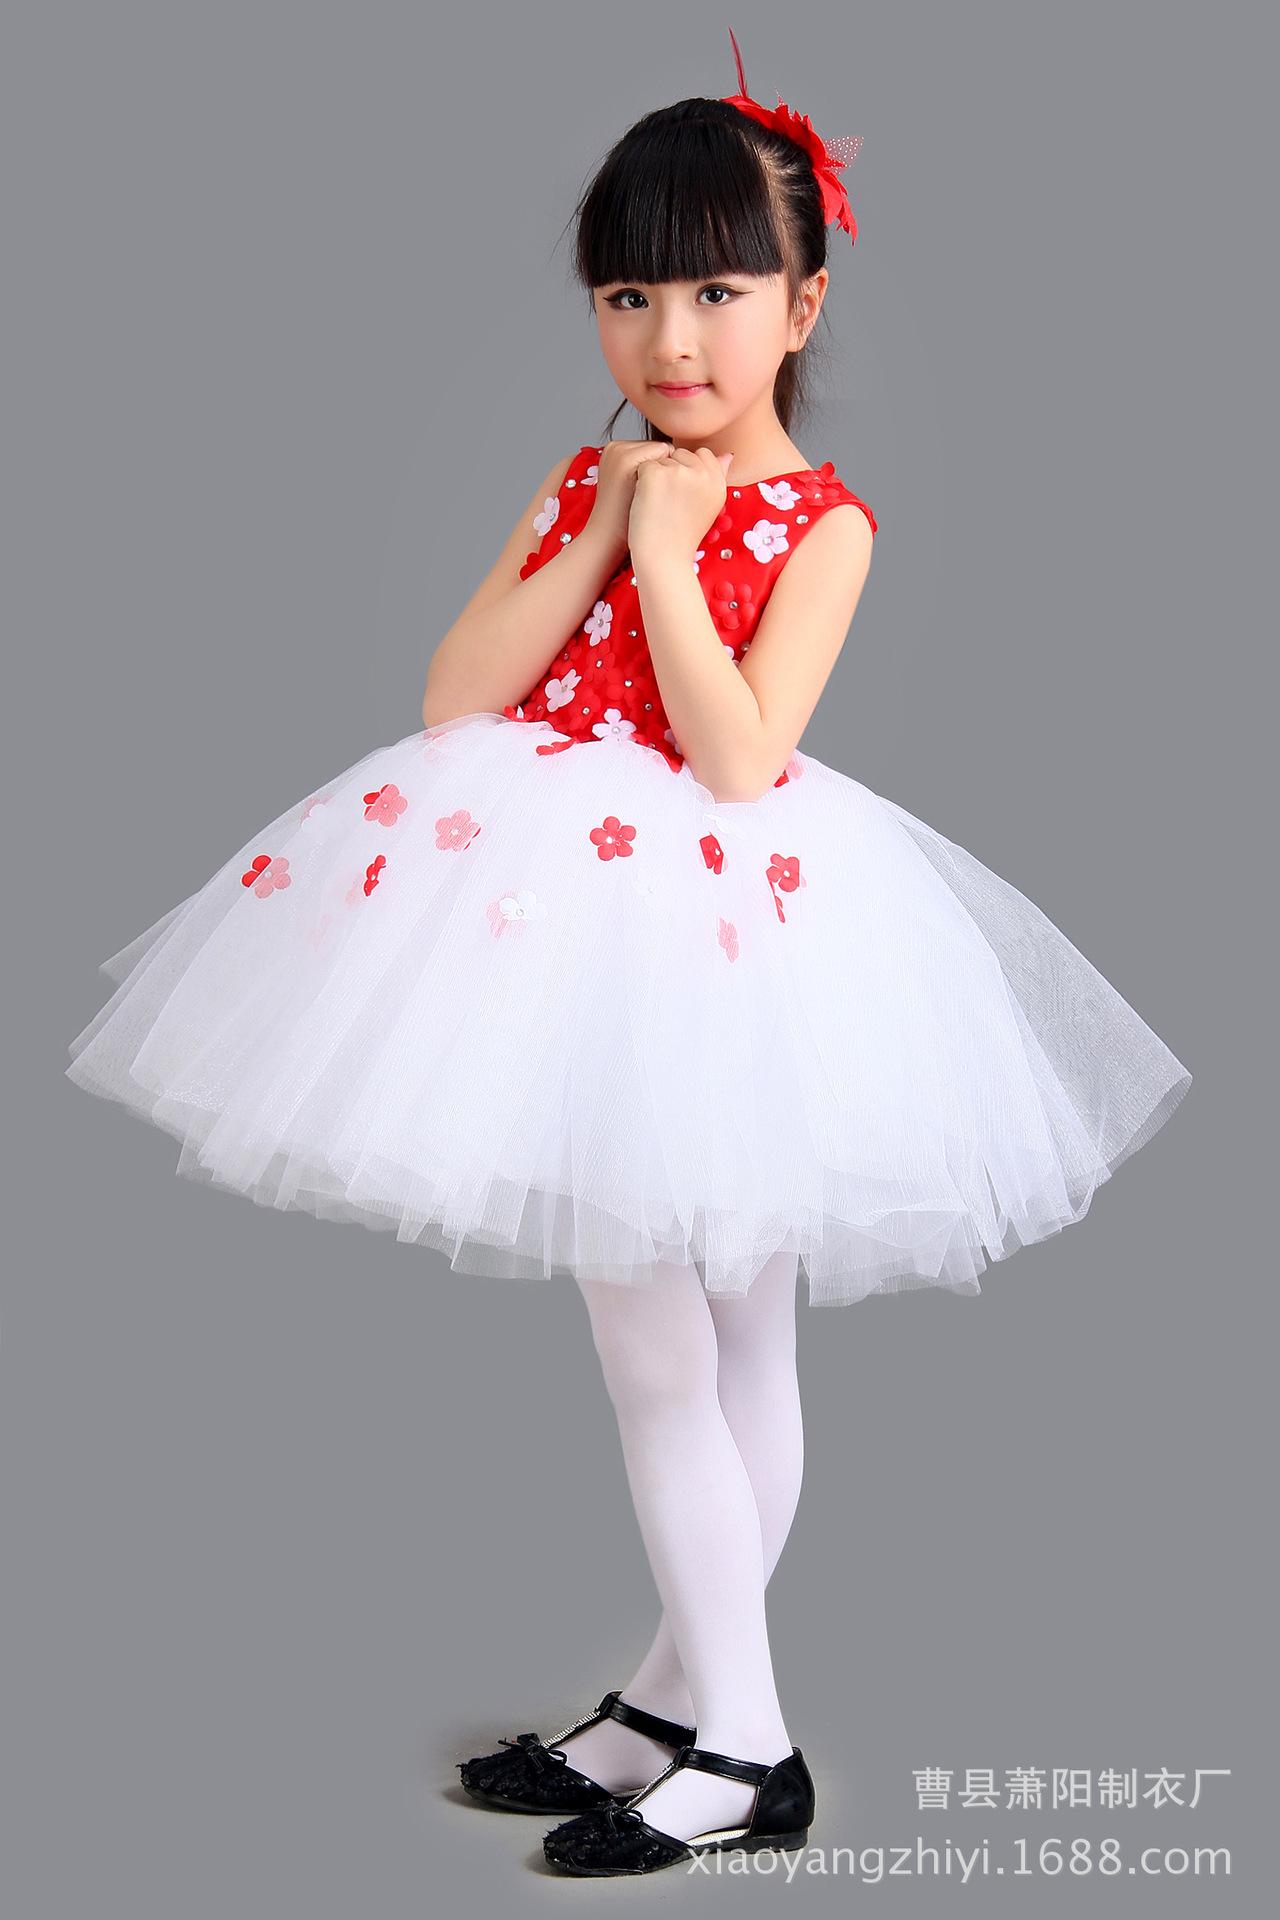 批发零售公主裙儿童万圣节蓬蓬裙女童花裙舞蹈服演出服礼服裙